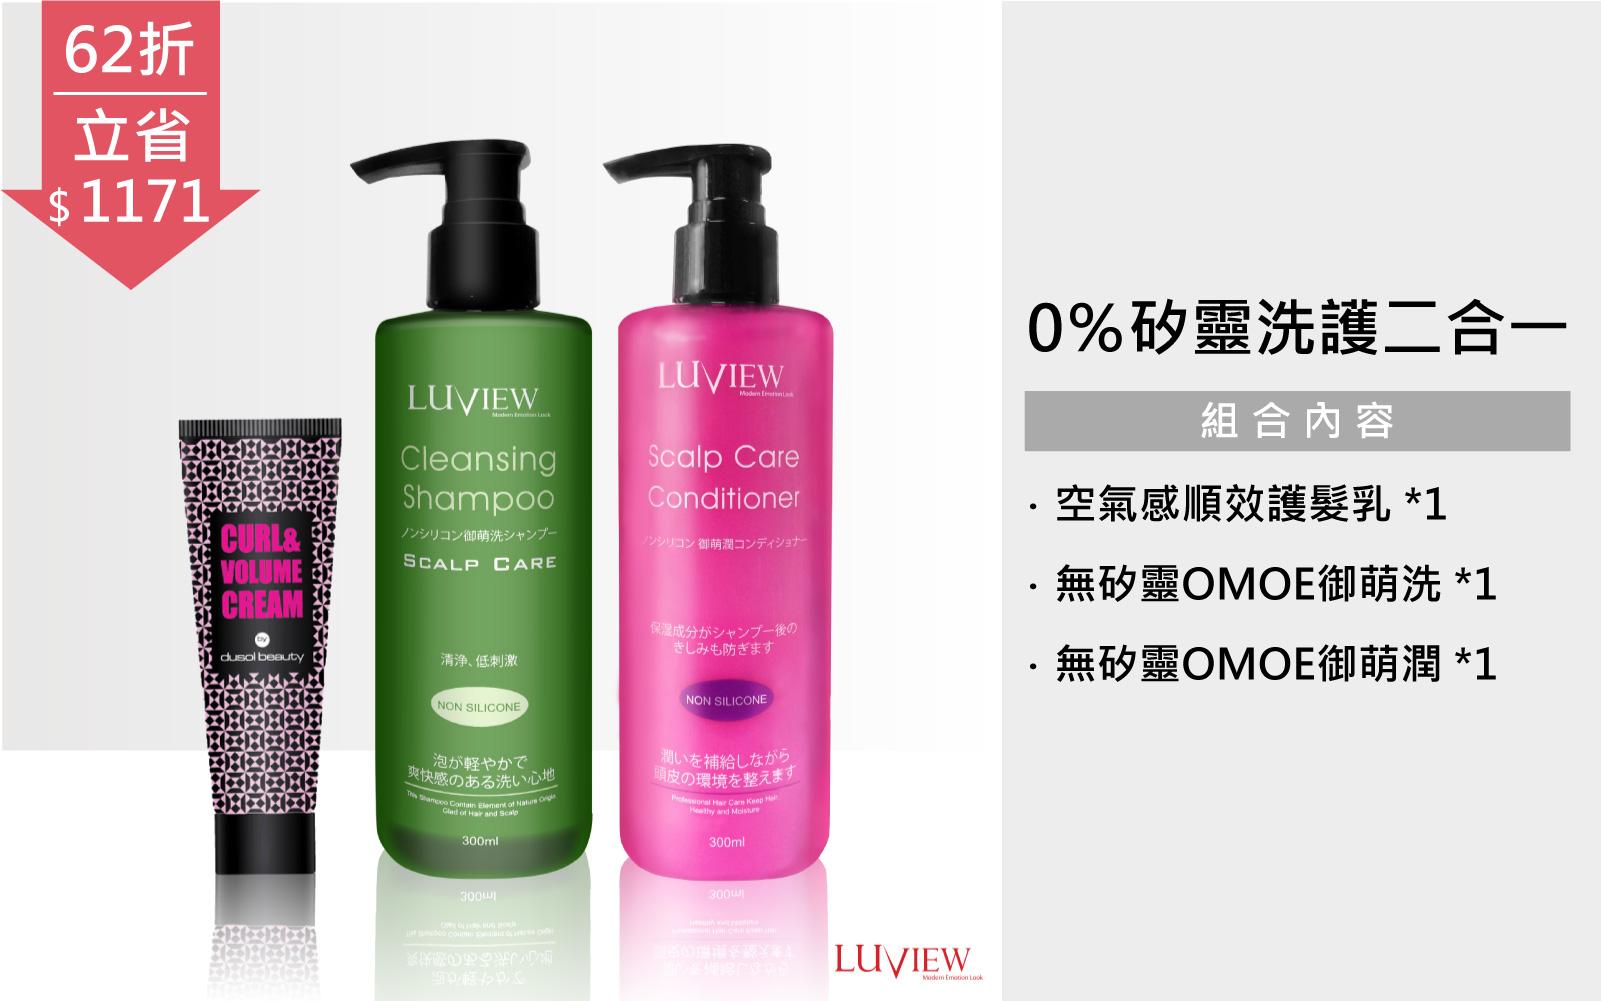 洗潤護定型3件組,推薦組合,御萌洗,御萌潤,都緹,Q髪,瞬效護髮乳